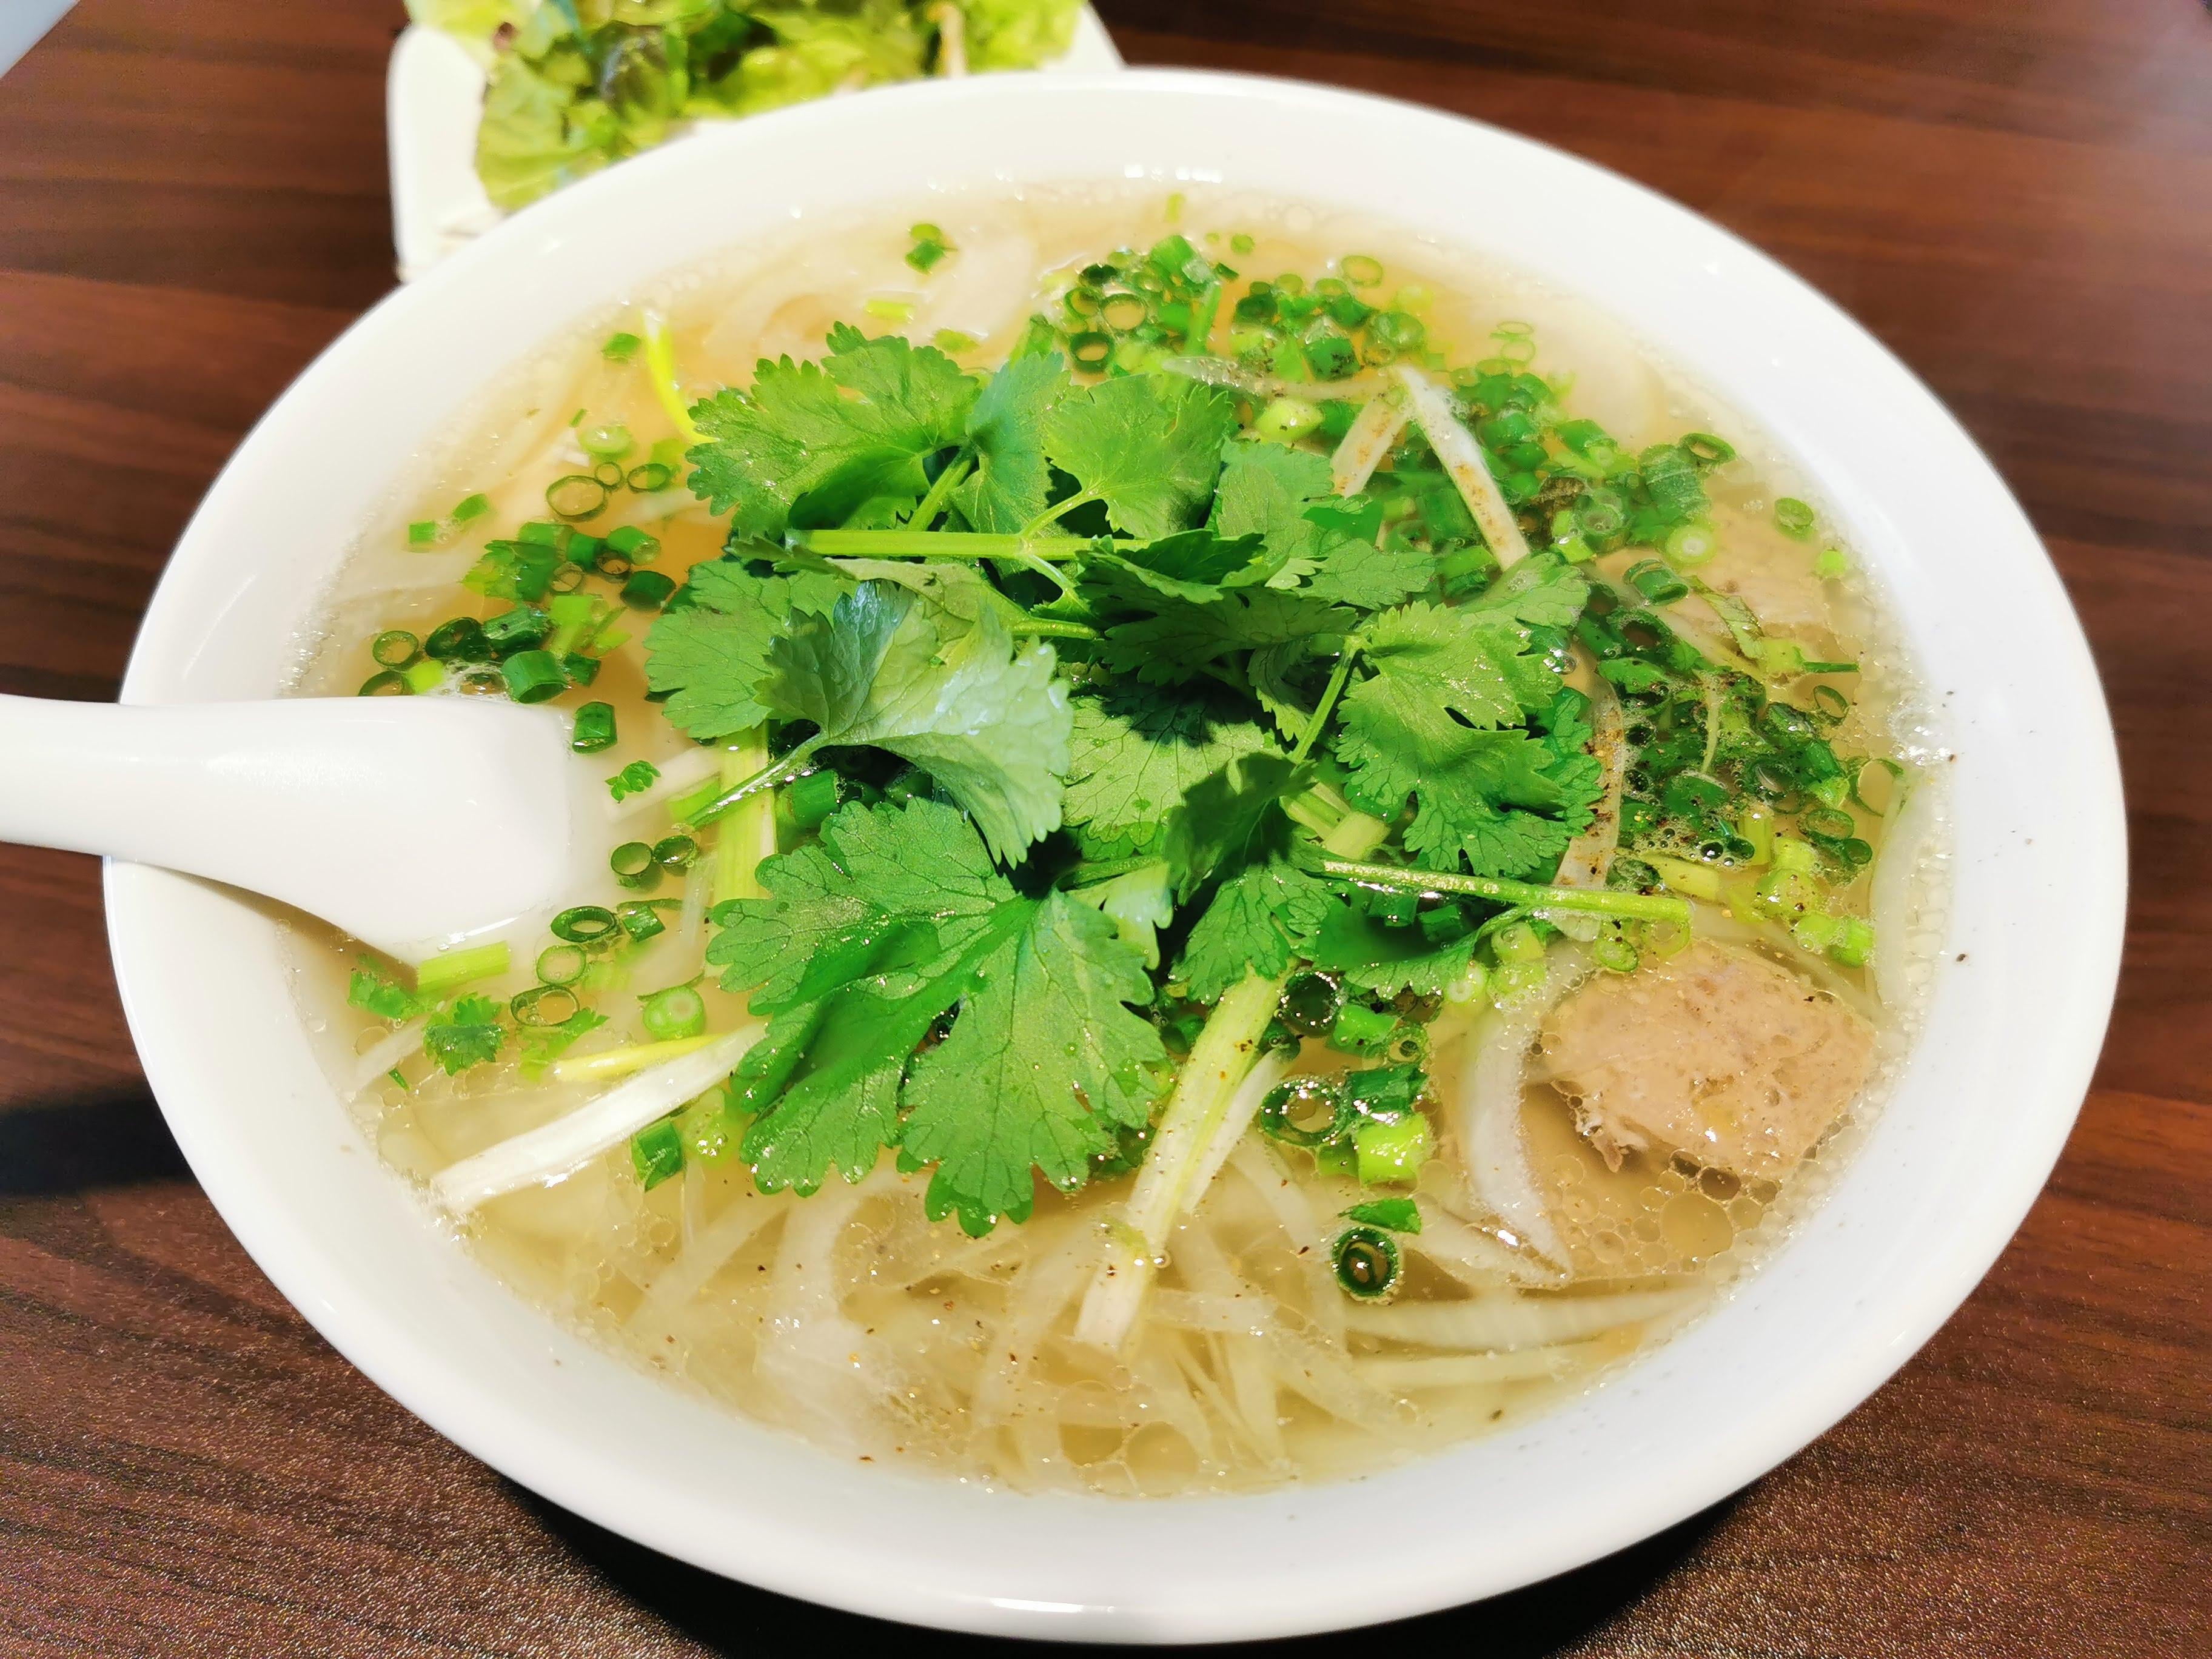 【鎌倉】フォー カットゥン@ベトナム人シェフがつくる本格的なフォー。コクのある絶品スープがたまらない。